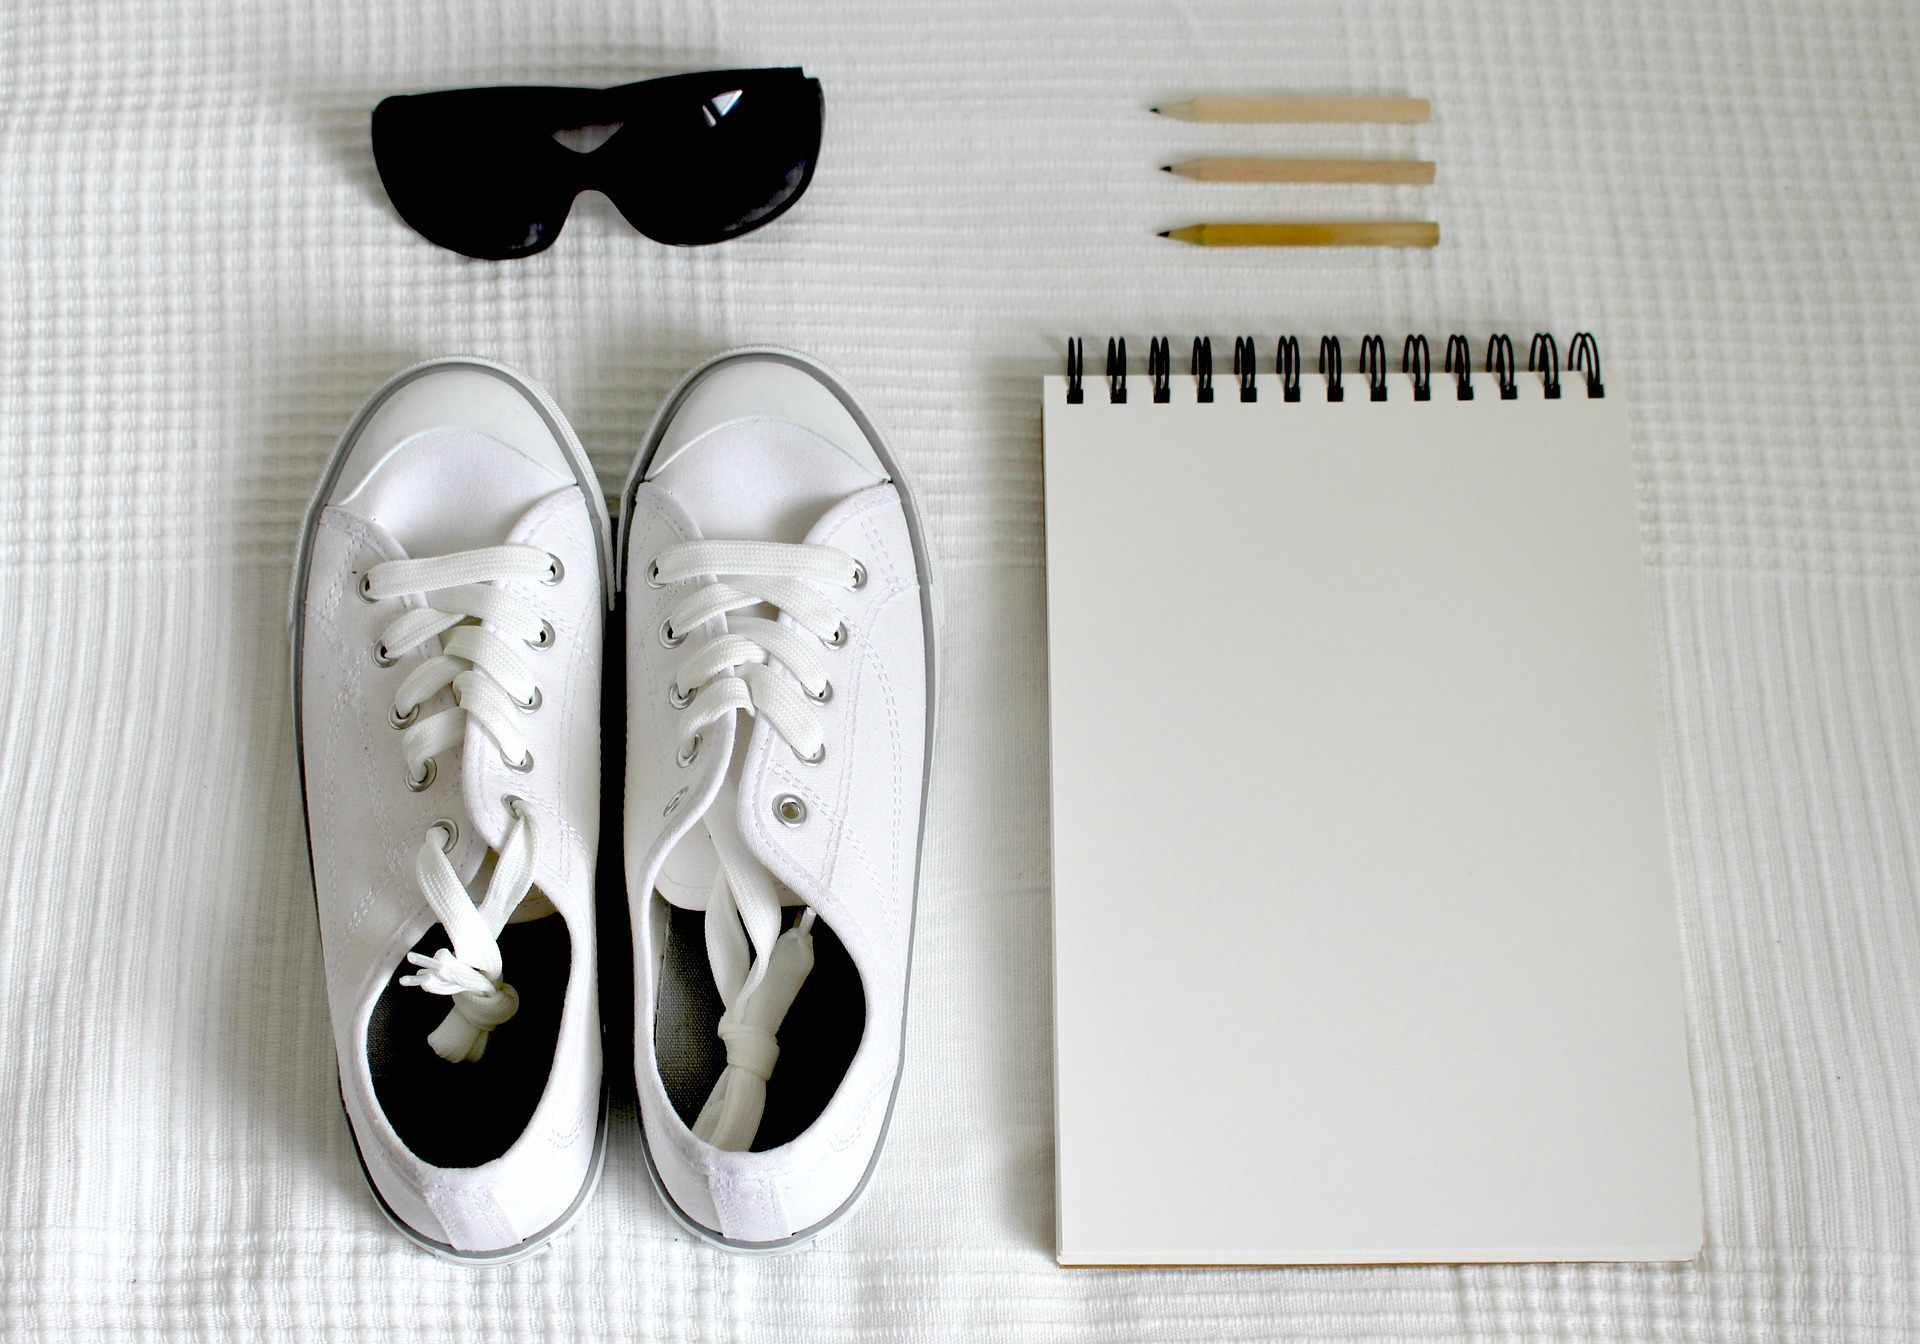 Buty na wakacje – jakie buty wybrać, by odpowiadały lokalnej kulturze?